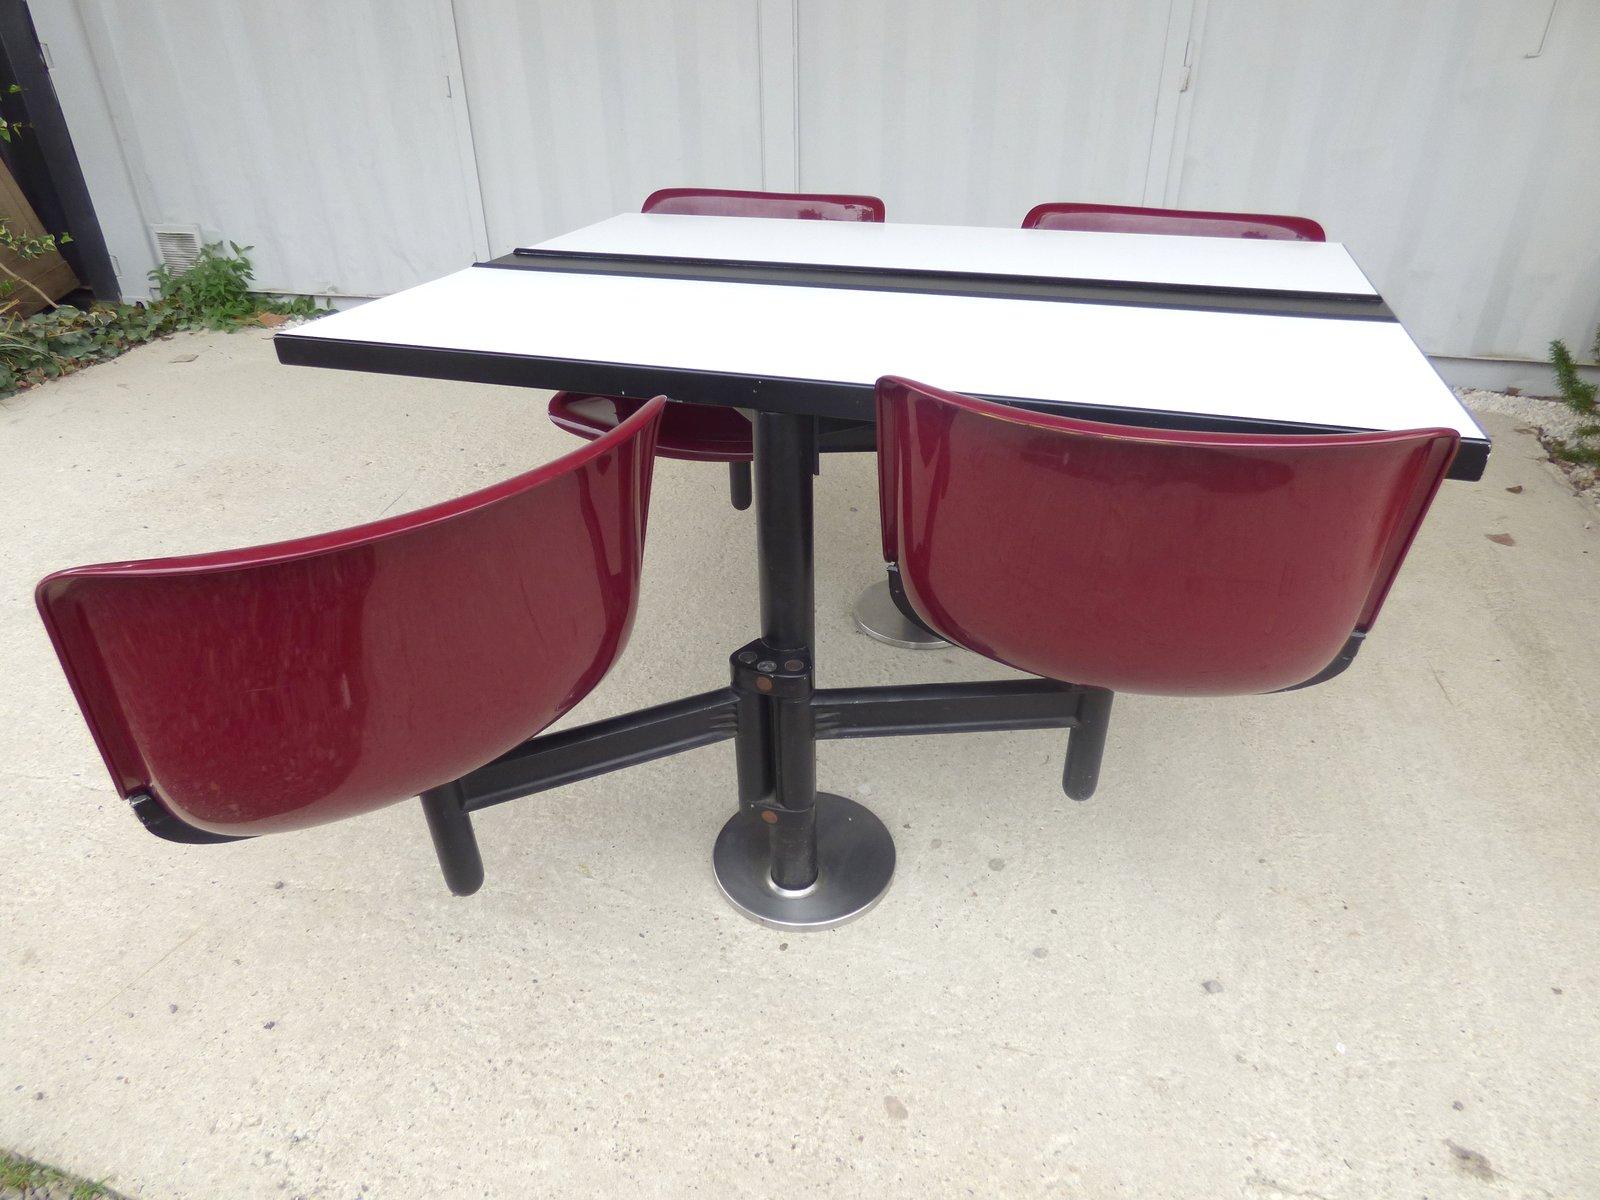 modus tisch mit st hle von osvaldo borsani f r tecno 1970er bei pamono kaufen. Black Bedroom Furniture Sets. Home Design Ideas